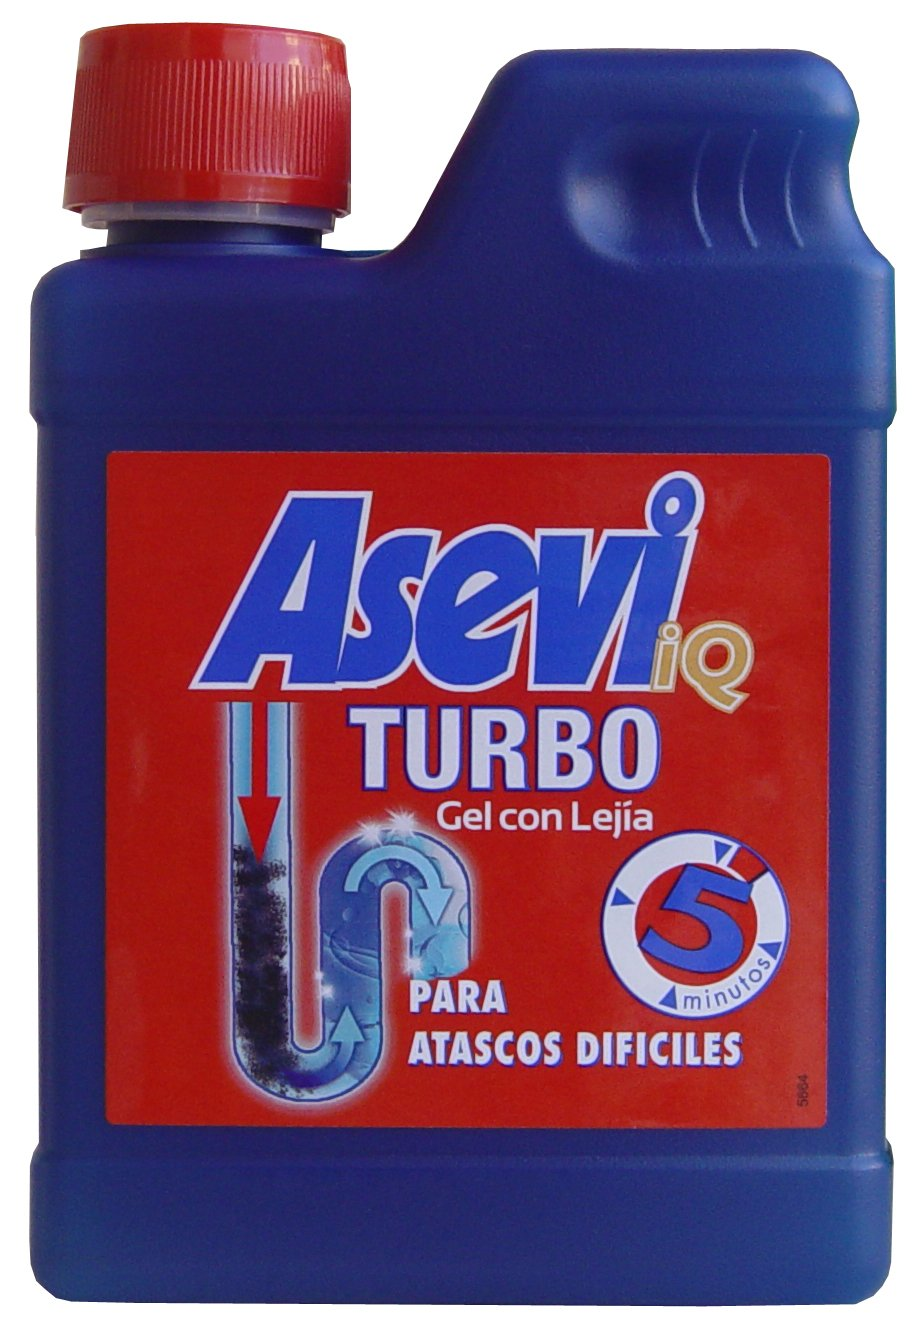 Desatascador Asevi Turbo 450 ml: Amazon.es: Industria, empresas y ciencia